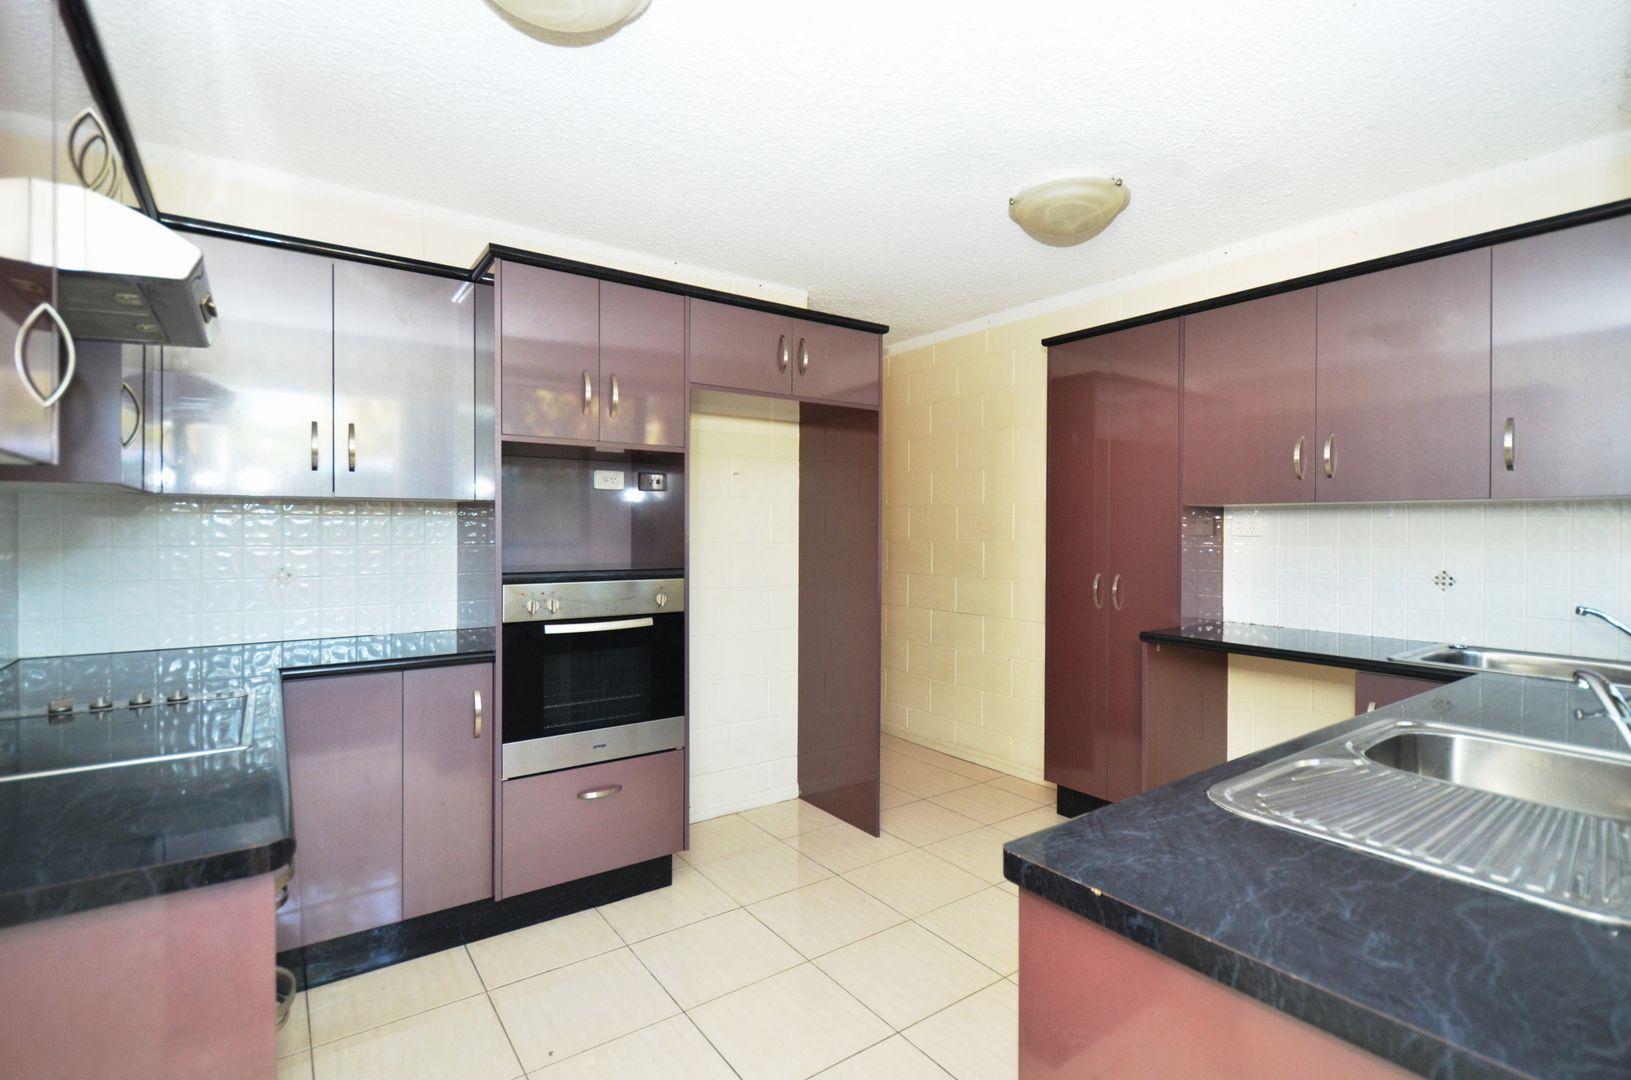 2/10 Boyes Court, Heatley QLD 4814, Image 0